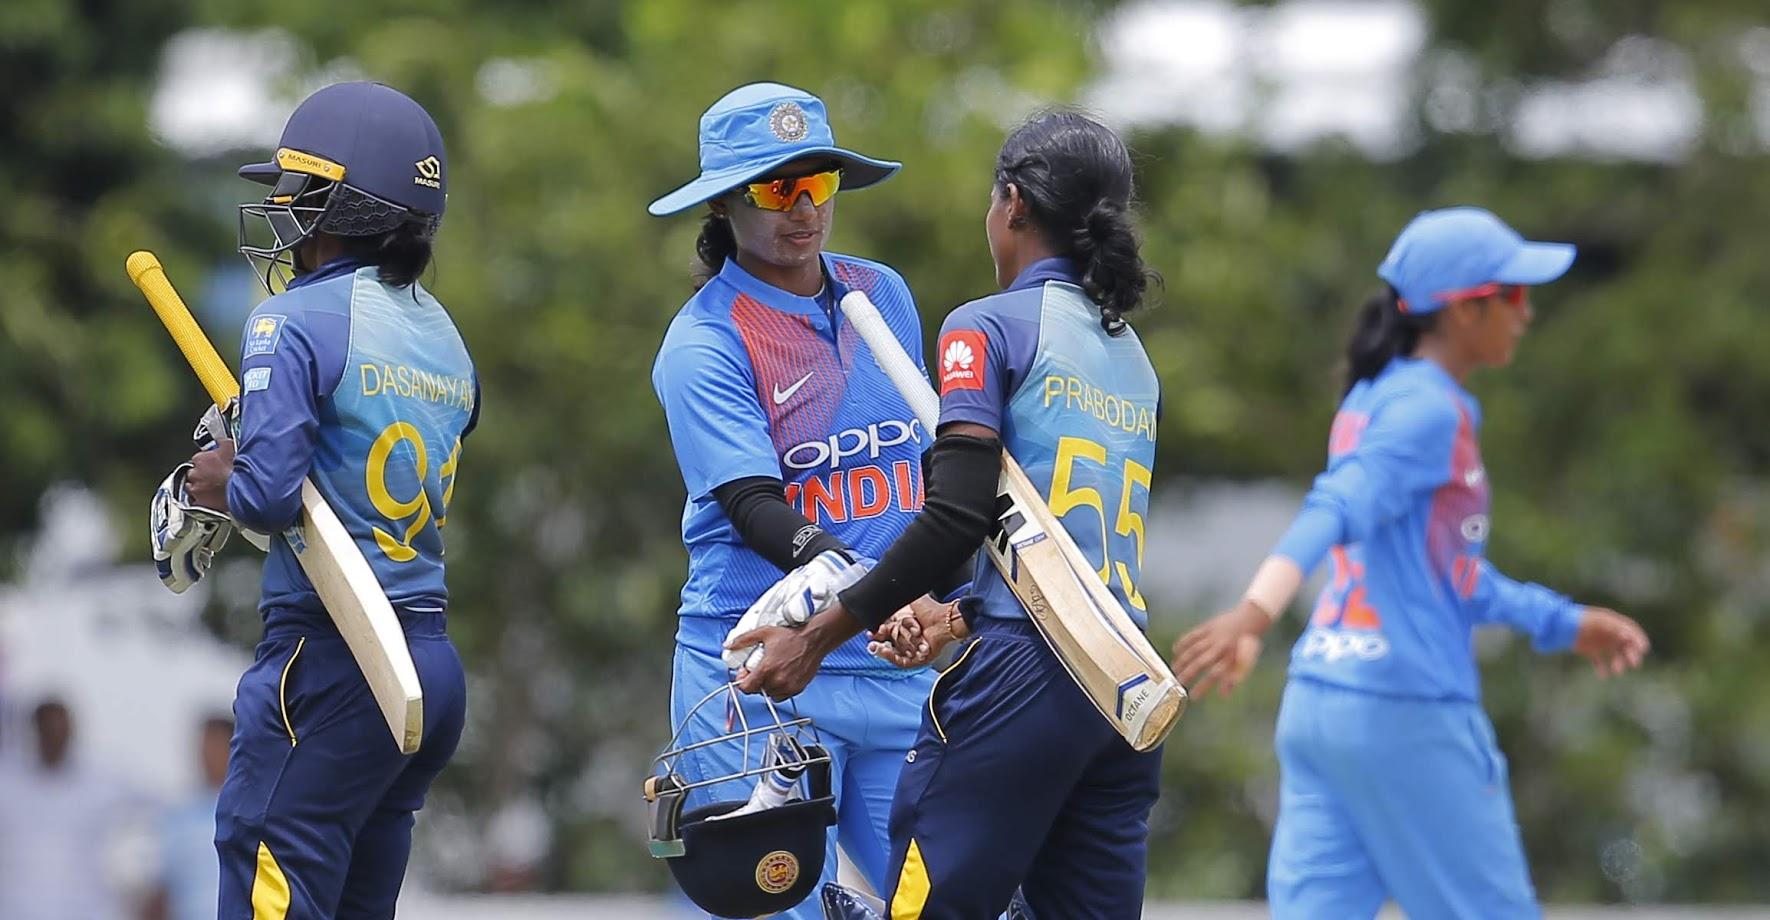 भारताची महिला क्रिकेटची माजी कर्णधार आणि स्टार खेळाडू मिताली राजने टीमचे प्रशिक्षक रमेश पोवारवर अपमानित केल्याचा आरोप केला. तसेच बीसीसीआयच्या प्रशासक समितीची सदस्य डायना इडल्जींवर भेदभाव केल्याचाही आरोप केला.